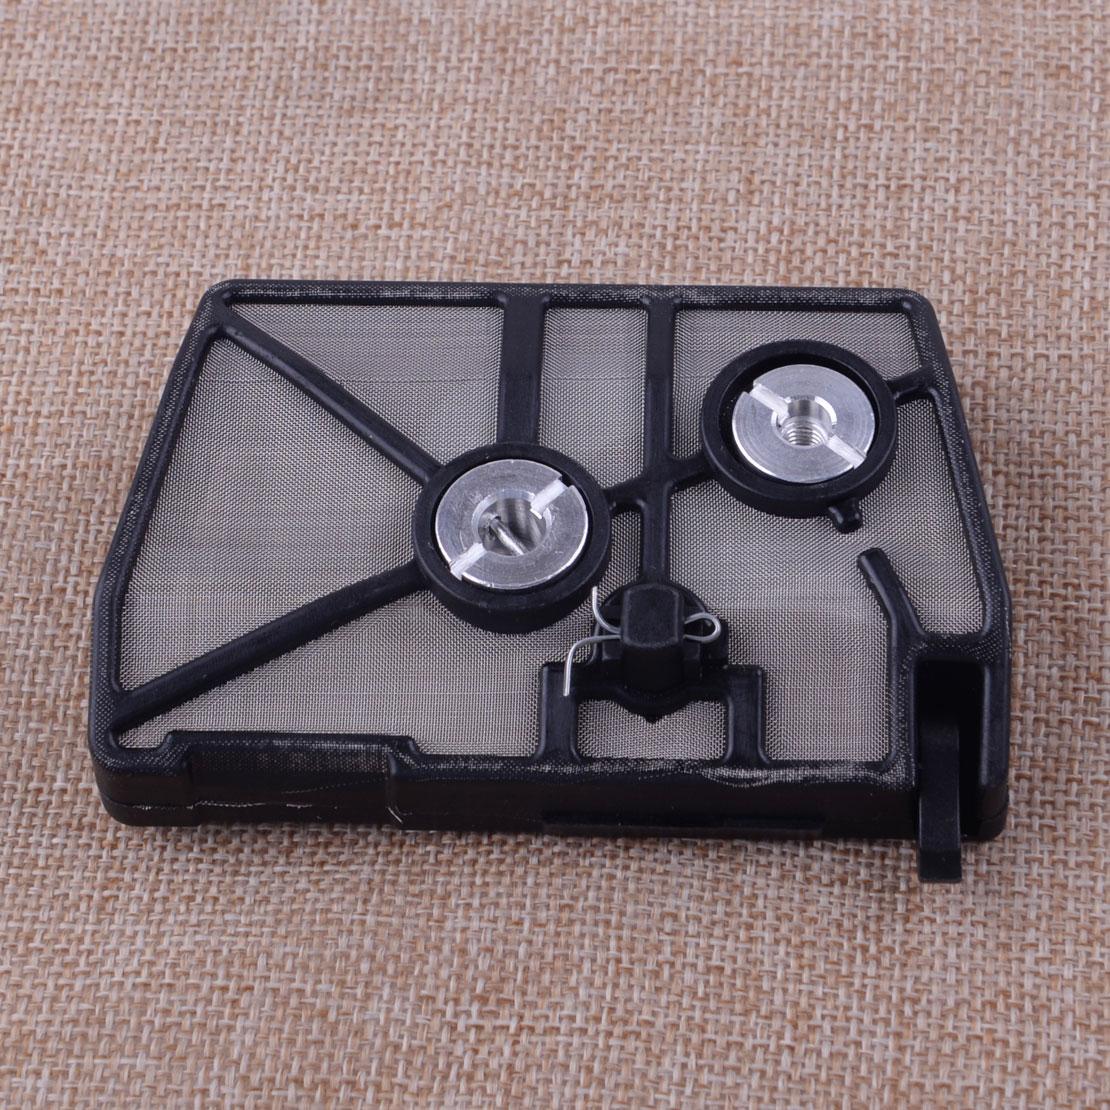 LETAOSK Black Air Filter Cleaner Fit For Stihl 028 028AV Q W Super WB WoodBoss 1118 120 1600